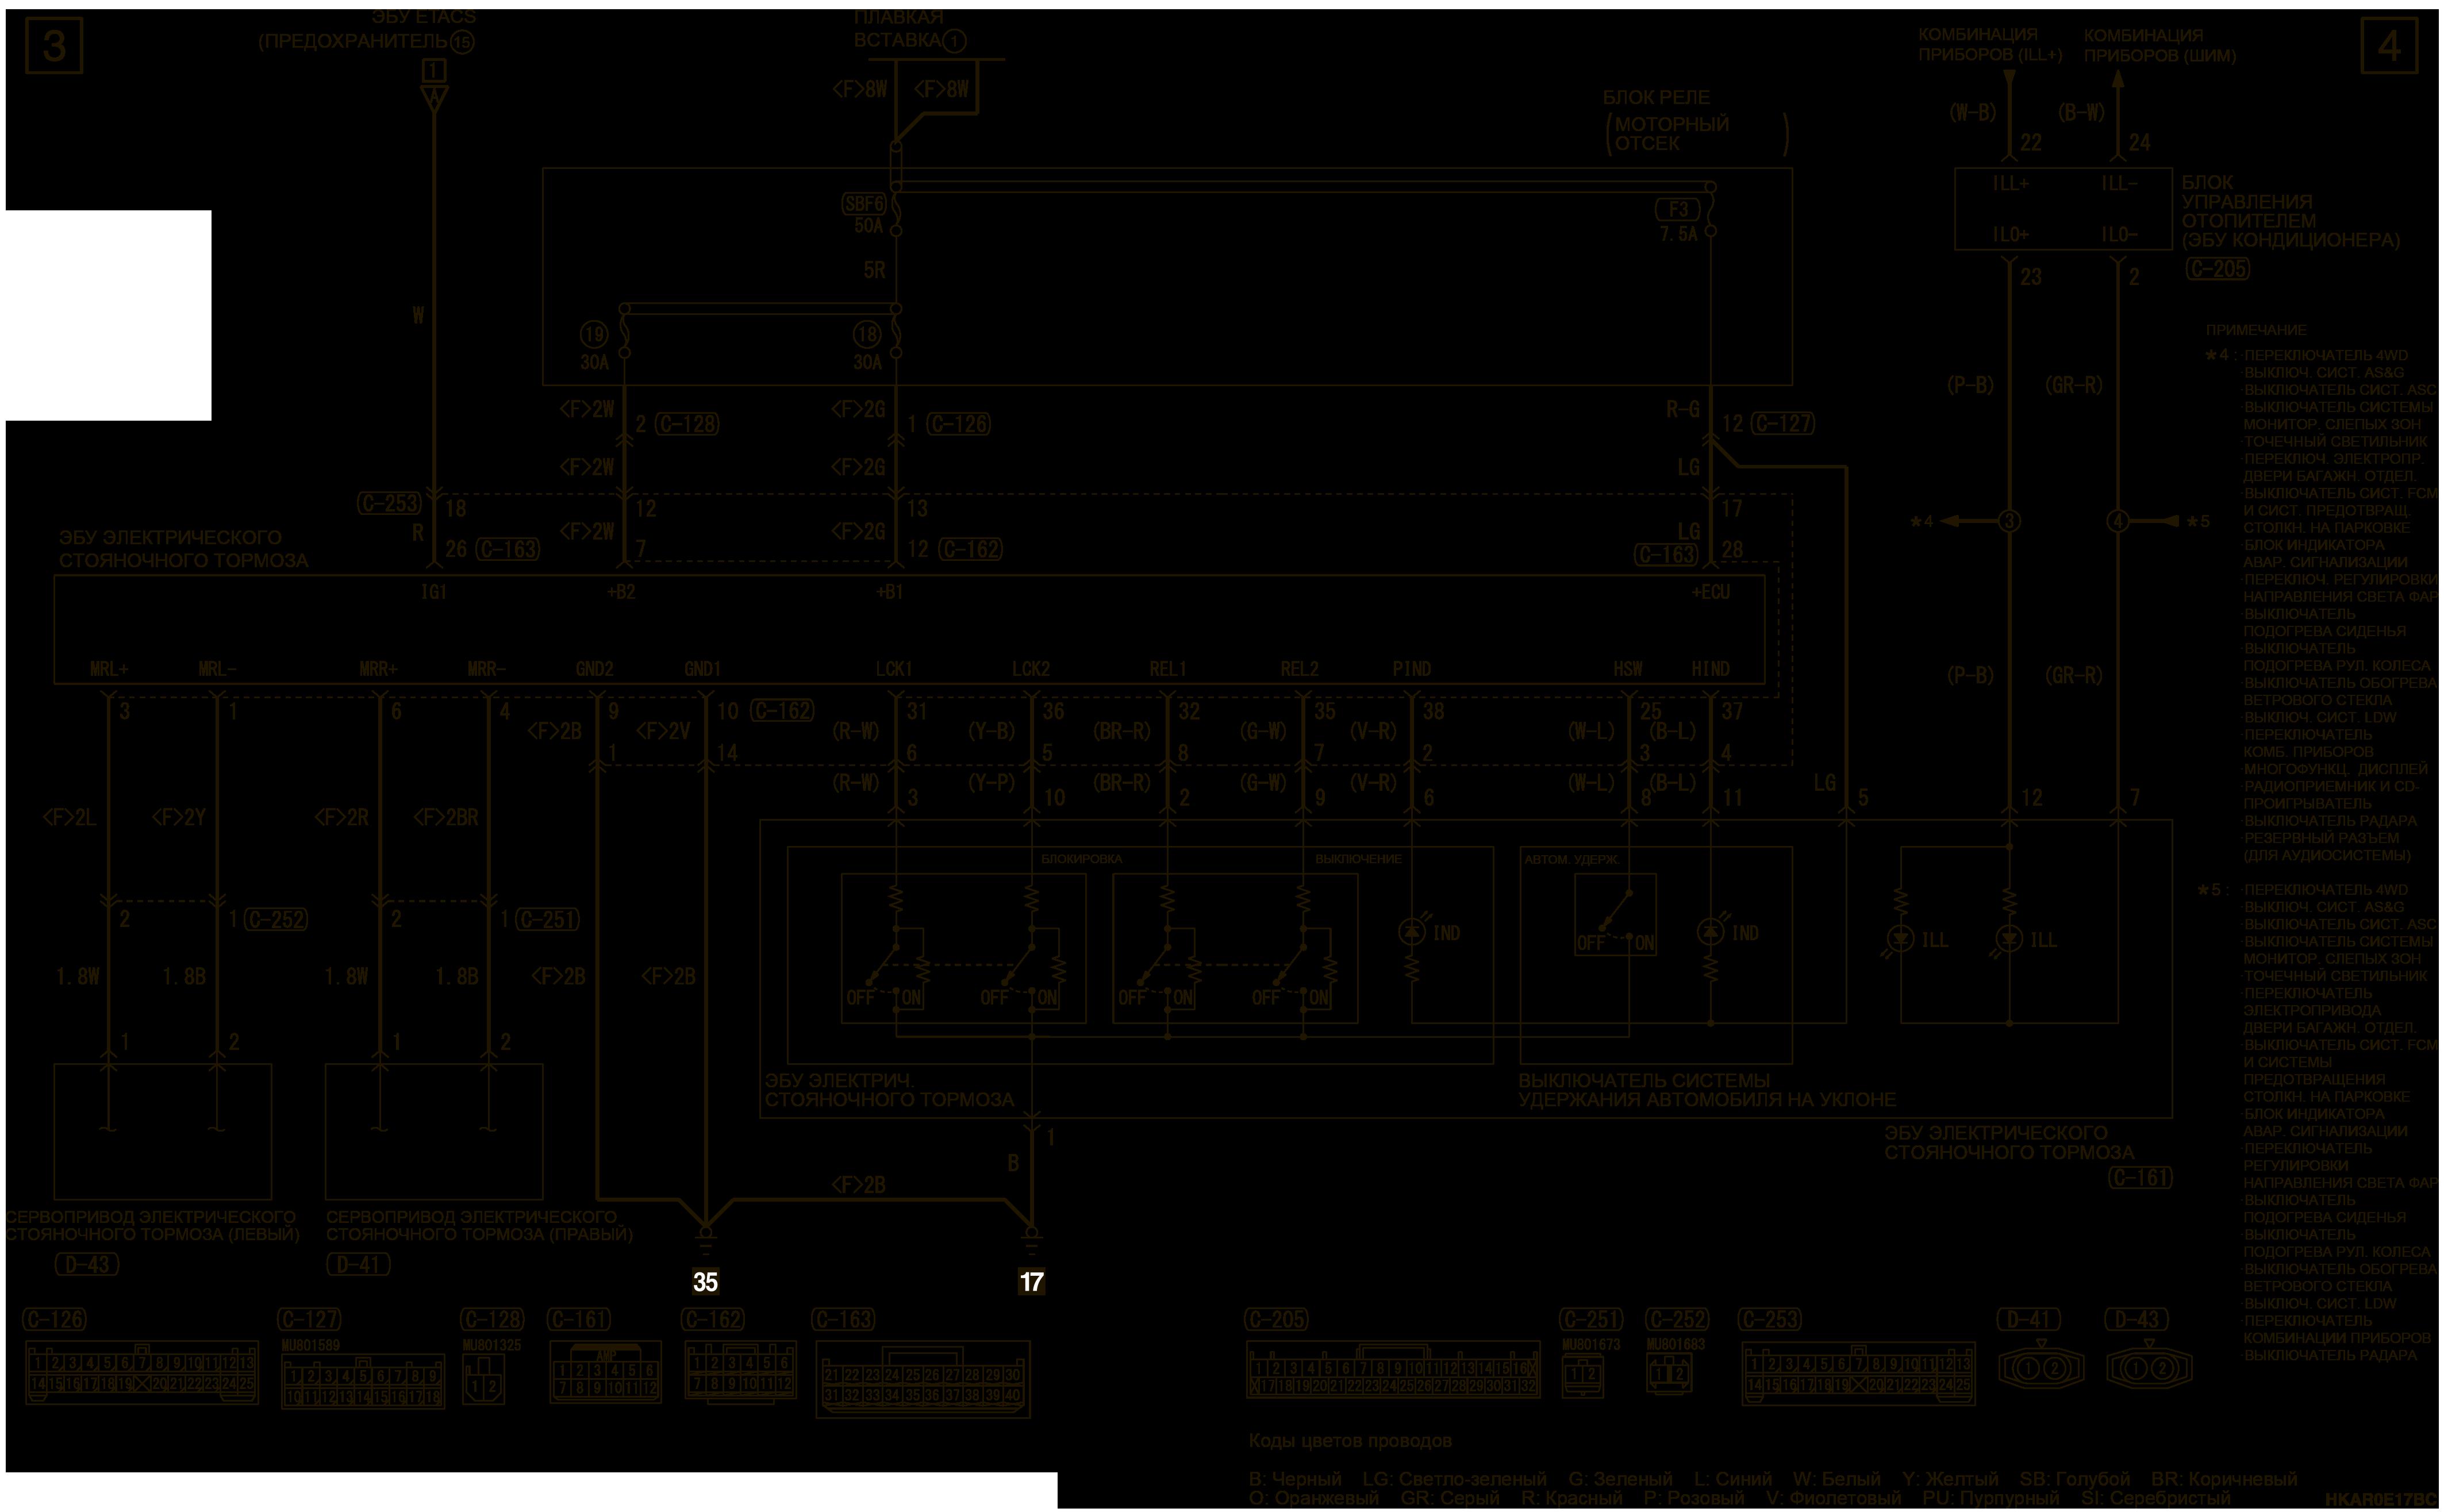 mmc аутлендер 3 2019 электросхемаЭЛЕКТРИЧЕСКИЙ СТОЯНОЧНЫЙ ТОРМОЗ ПРАВОСТОРОННЕЕ УПРАВЛЕНИЕ